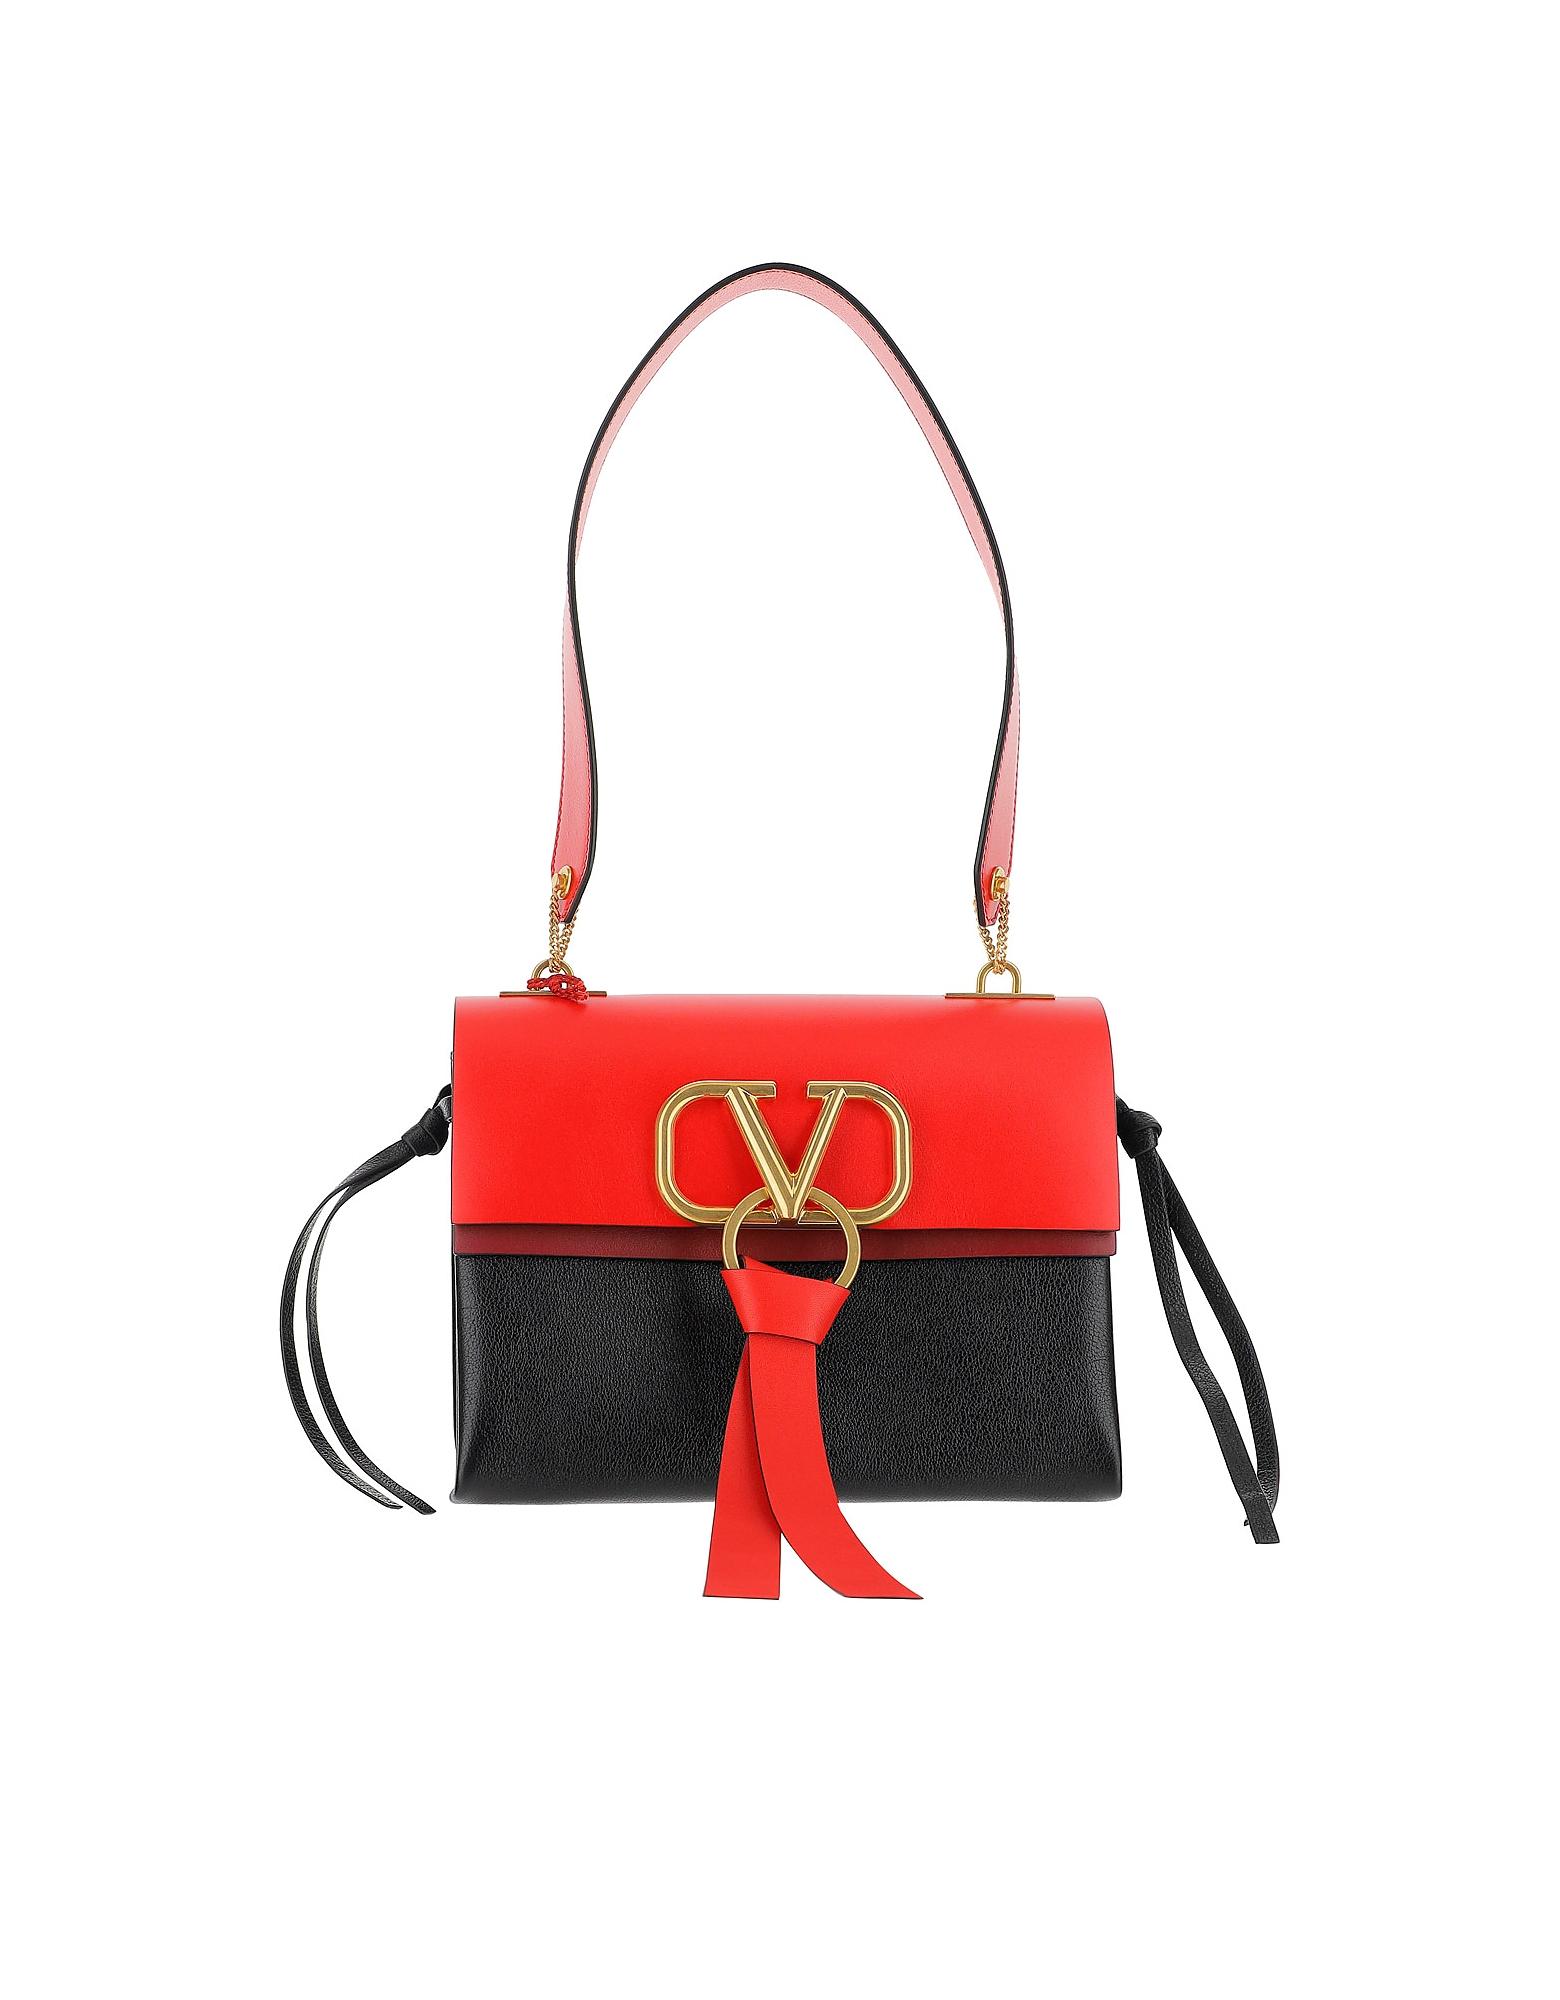 Valentino Designer Handbags, Black and Red VRing Shoulder Bag